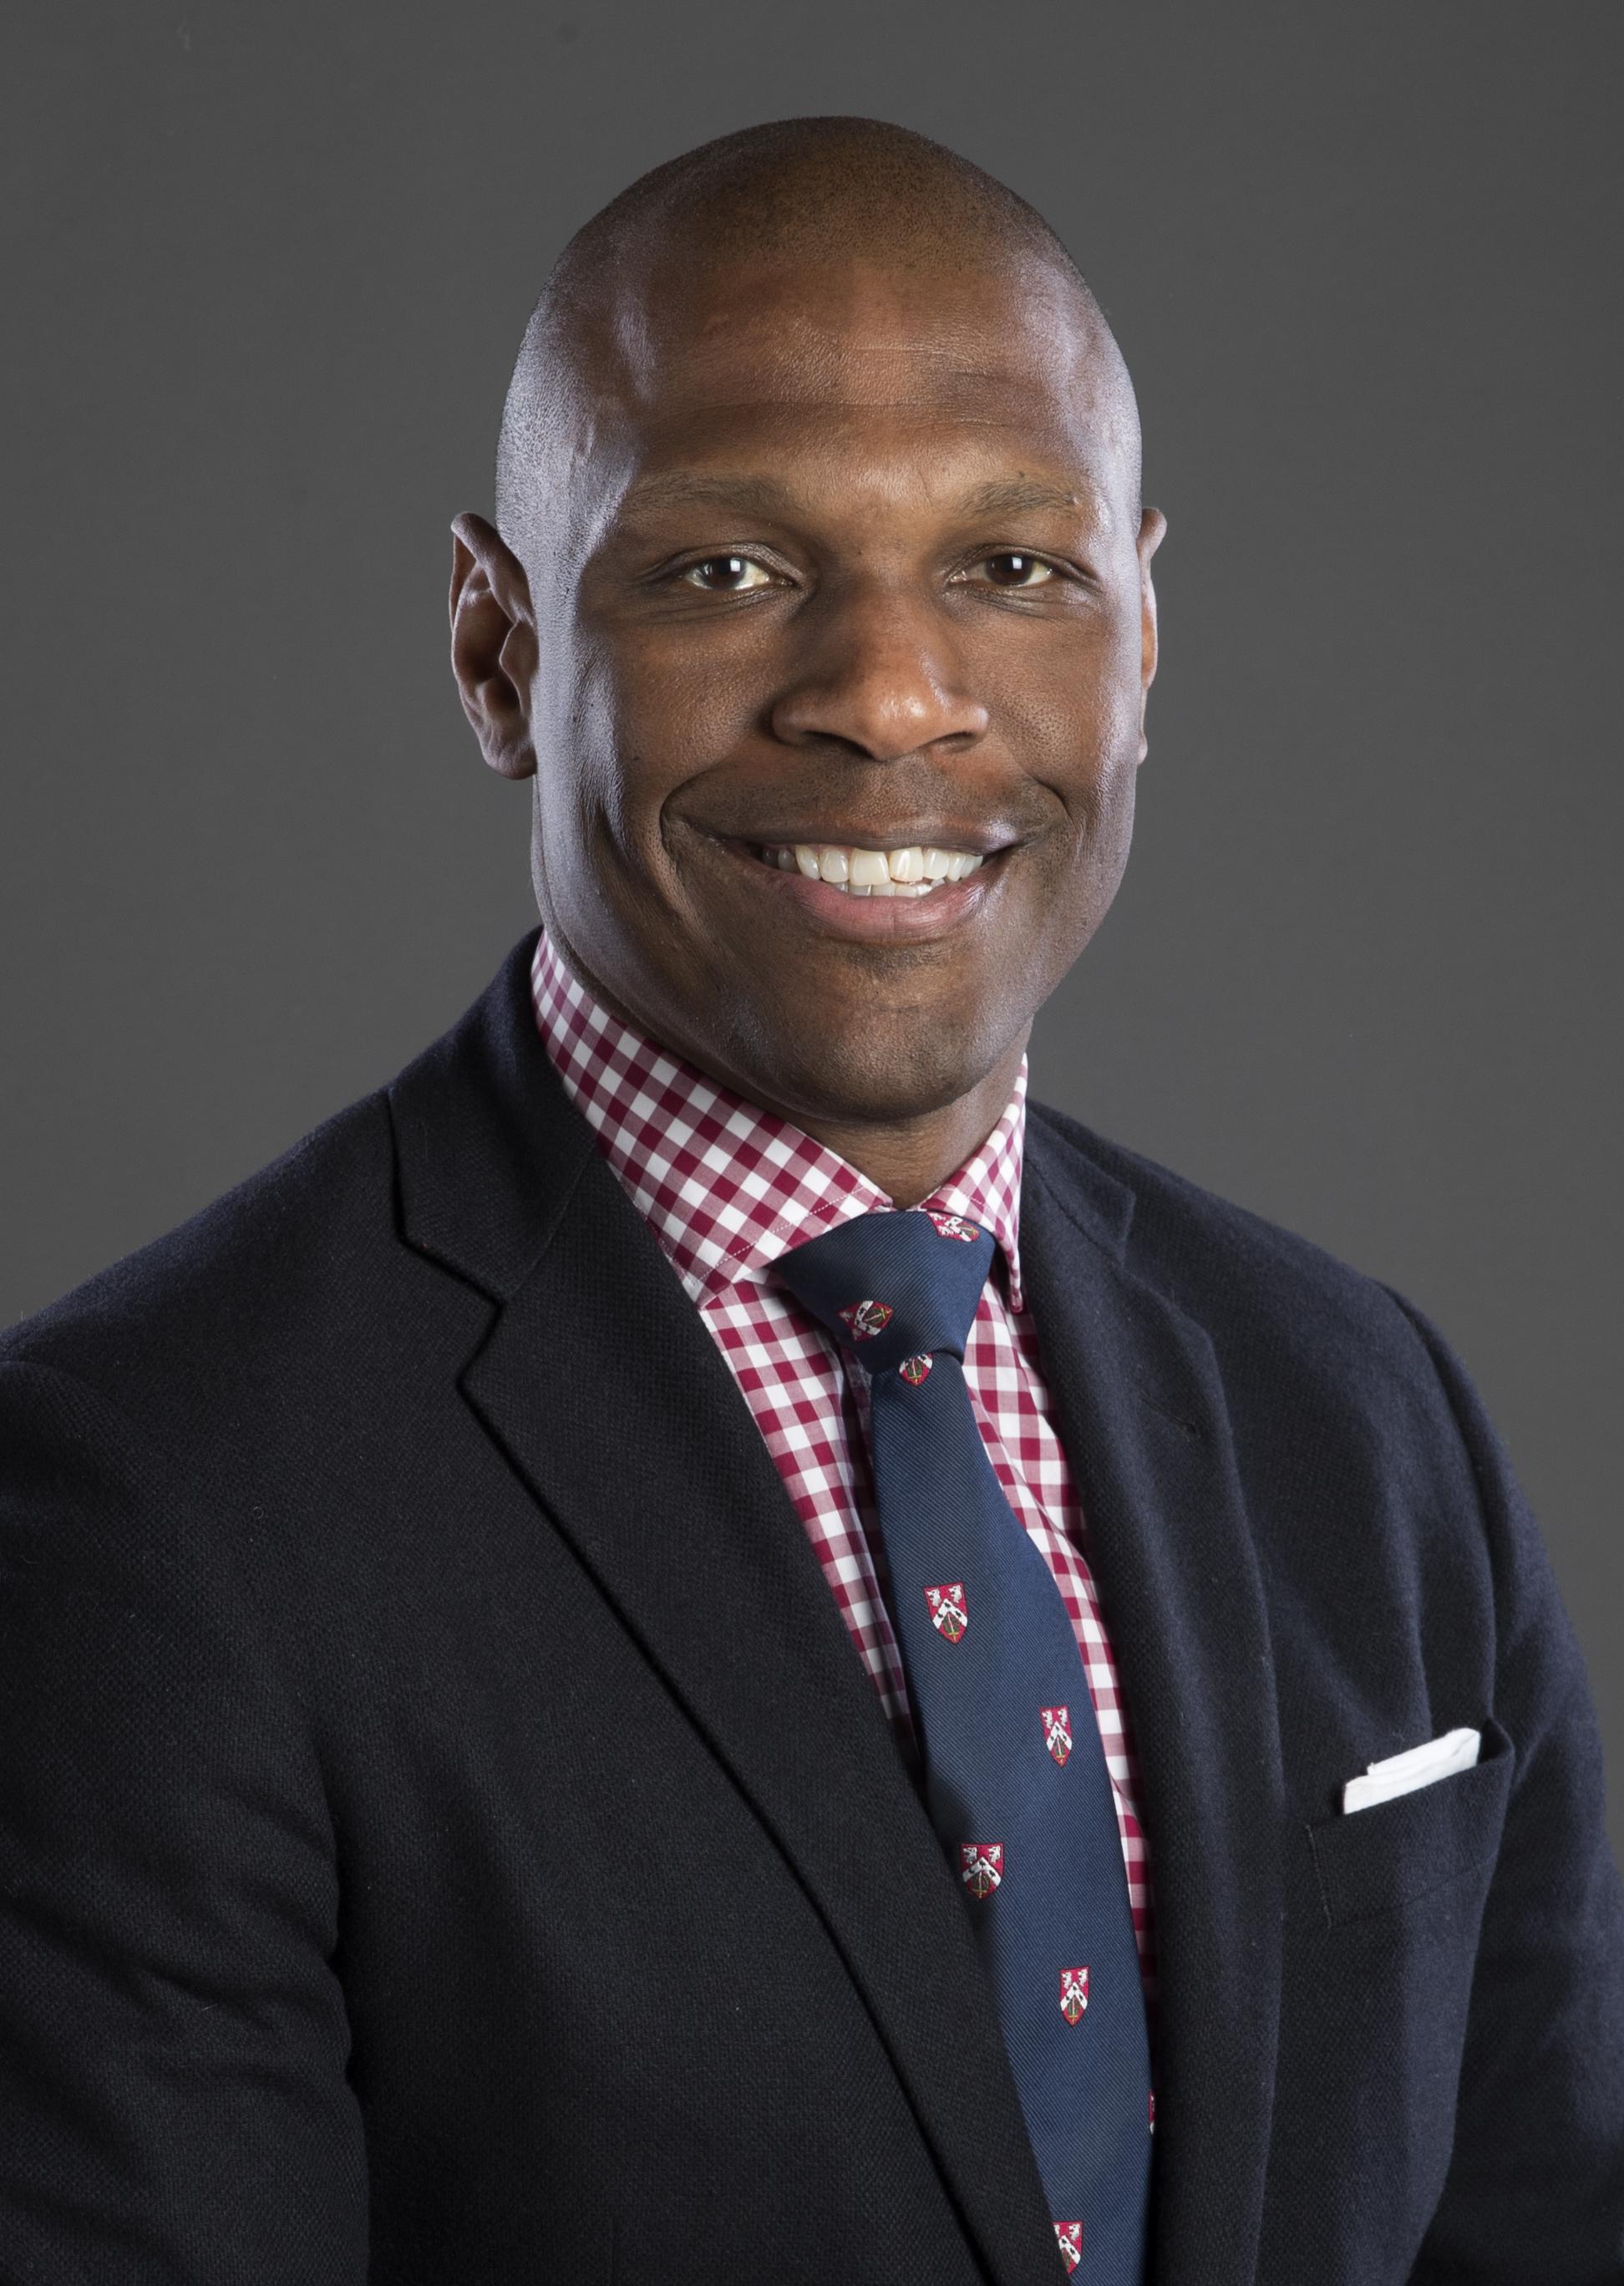 Dr. Chris Howard, President, Robert Morris University